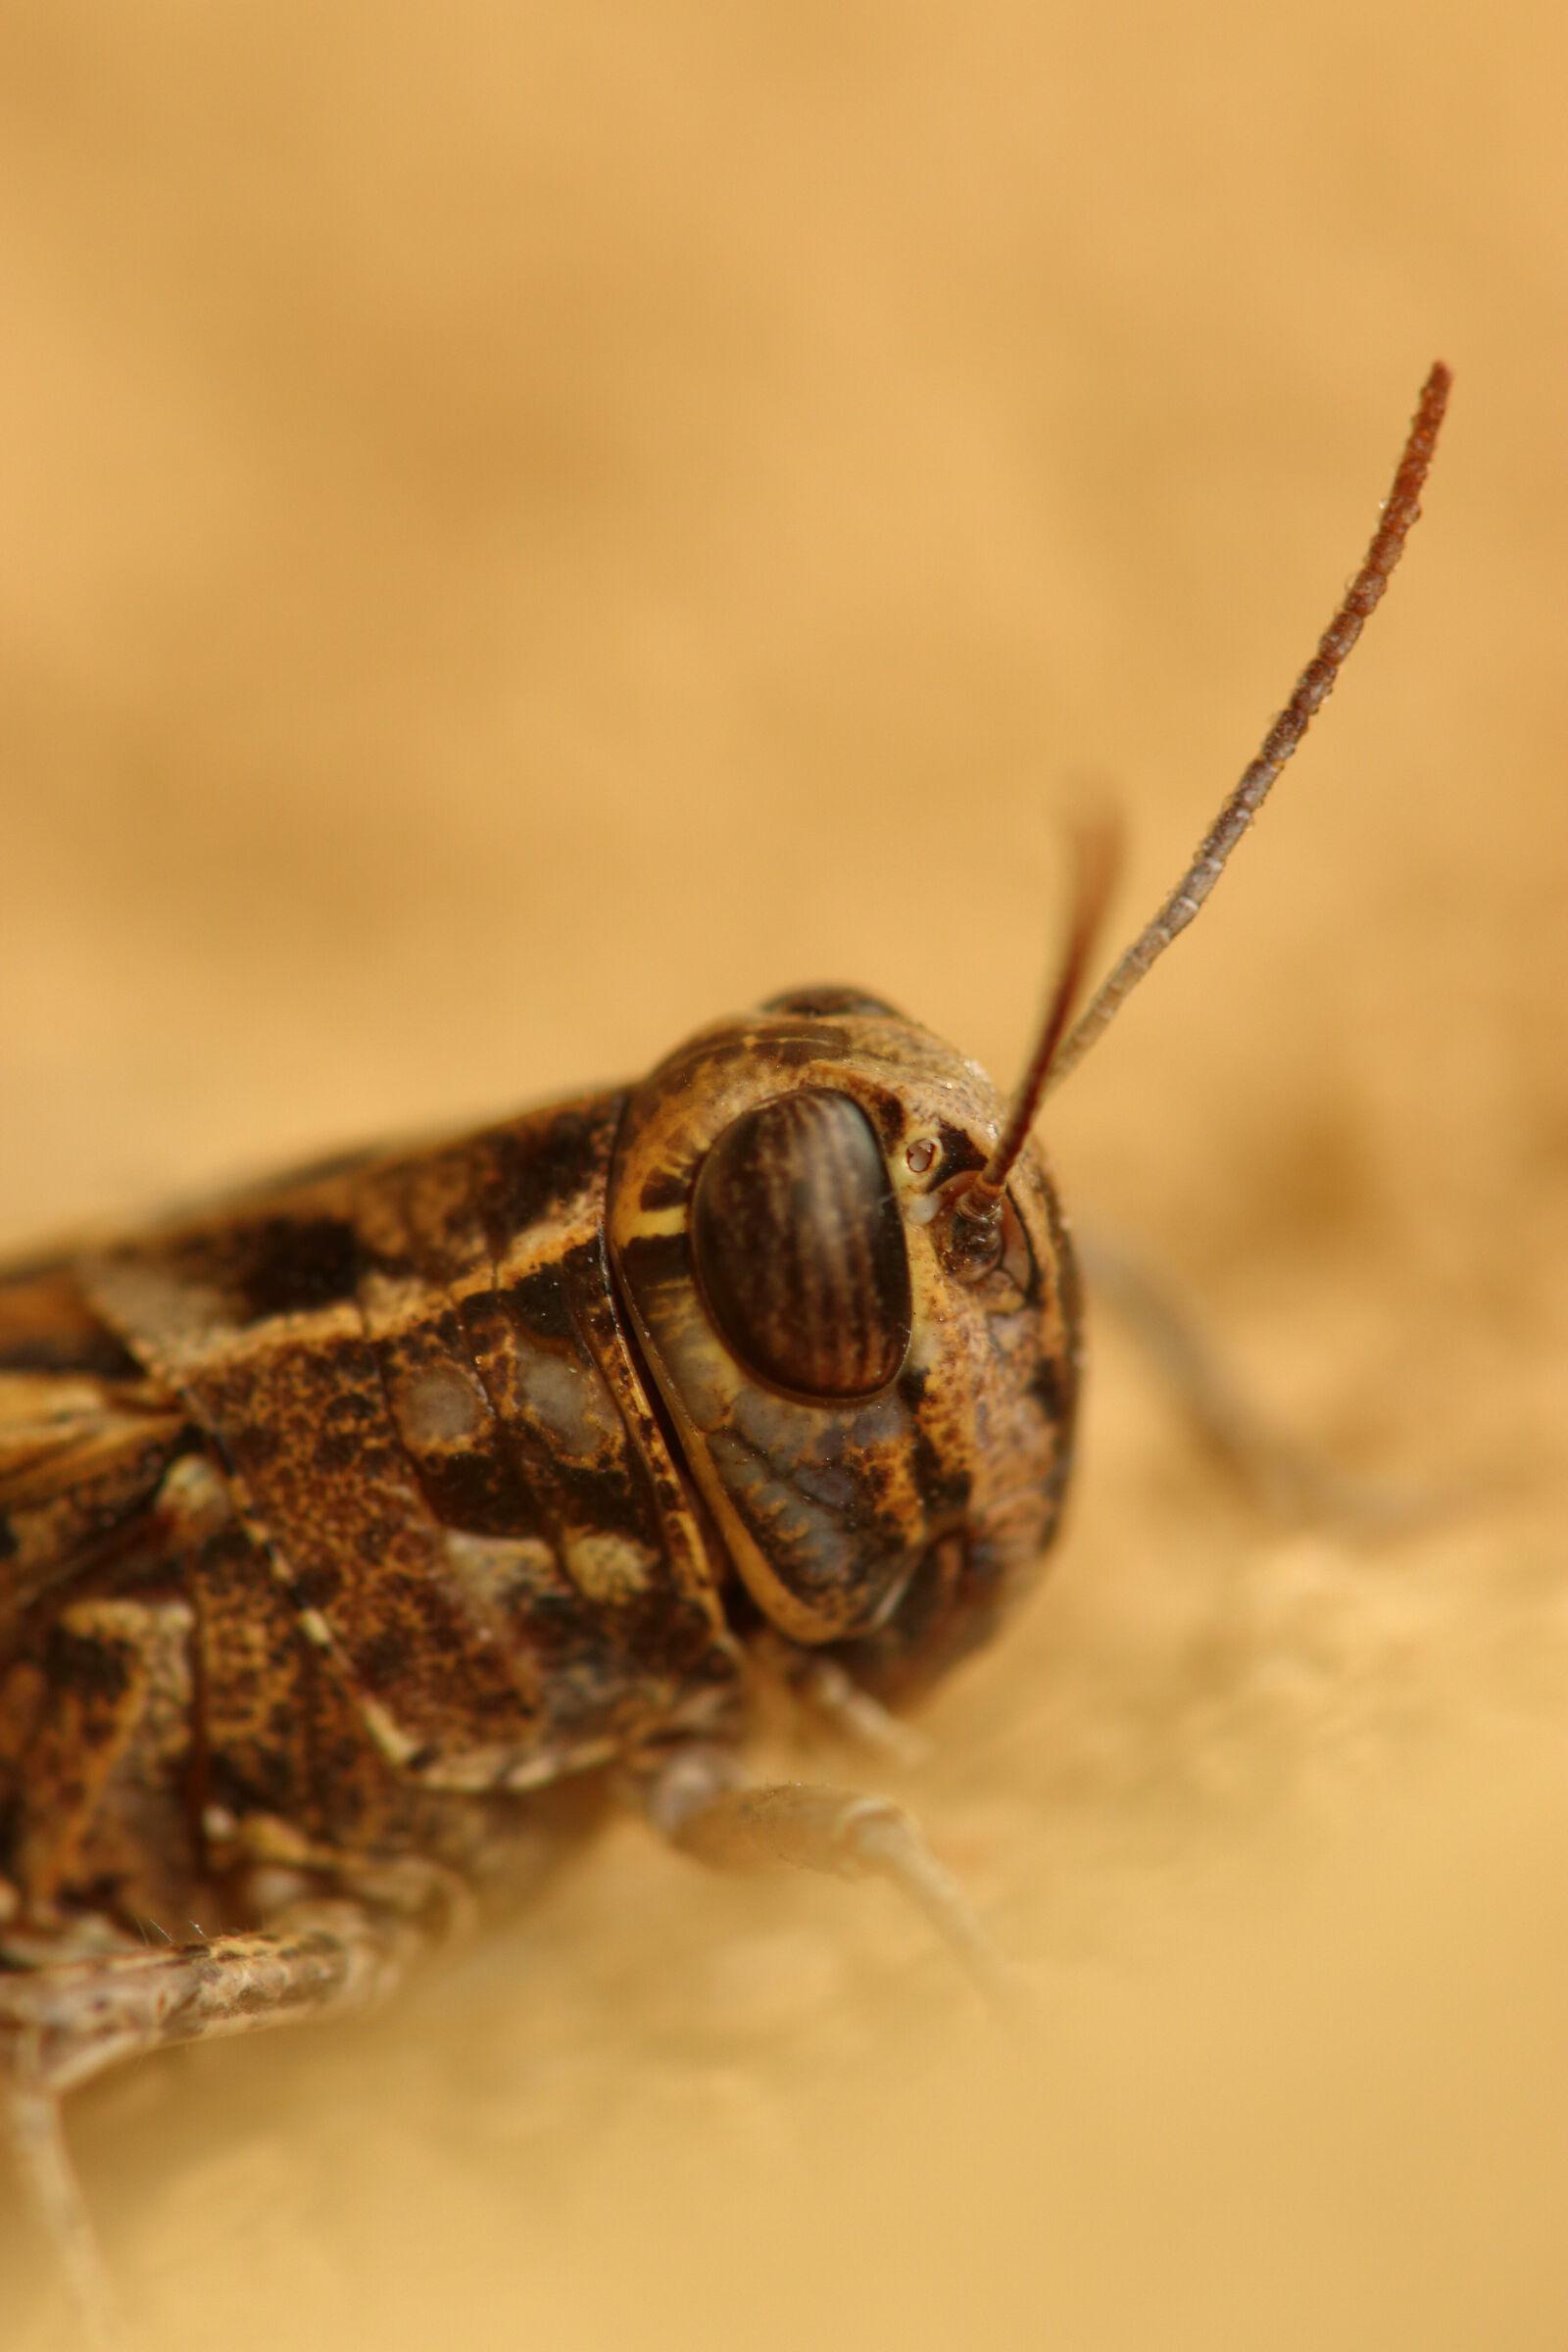 Eye of cricket...